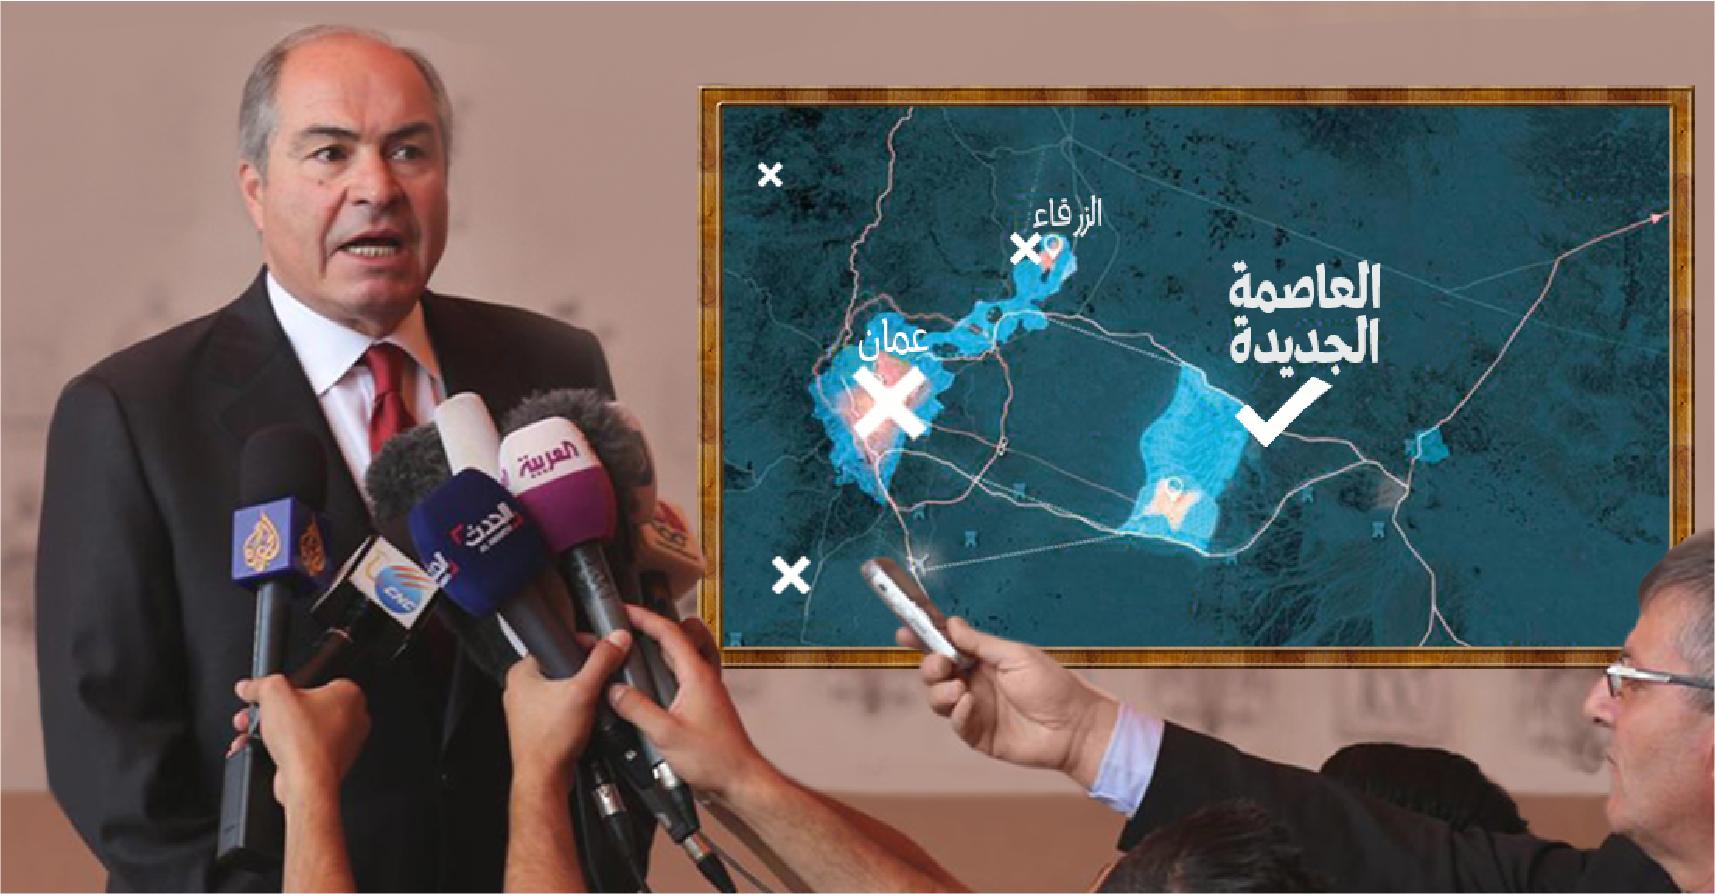 صورة الحكومة الأردنيَّة تحقق المساواة بين عمَّان والمحافظات ببناء عاصمة جديدة تركز عليها وتهمل عمَّان مع باقي المحافظات